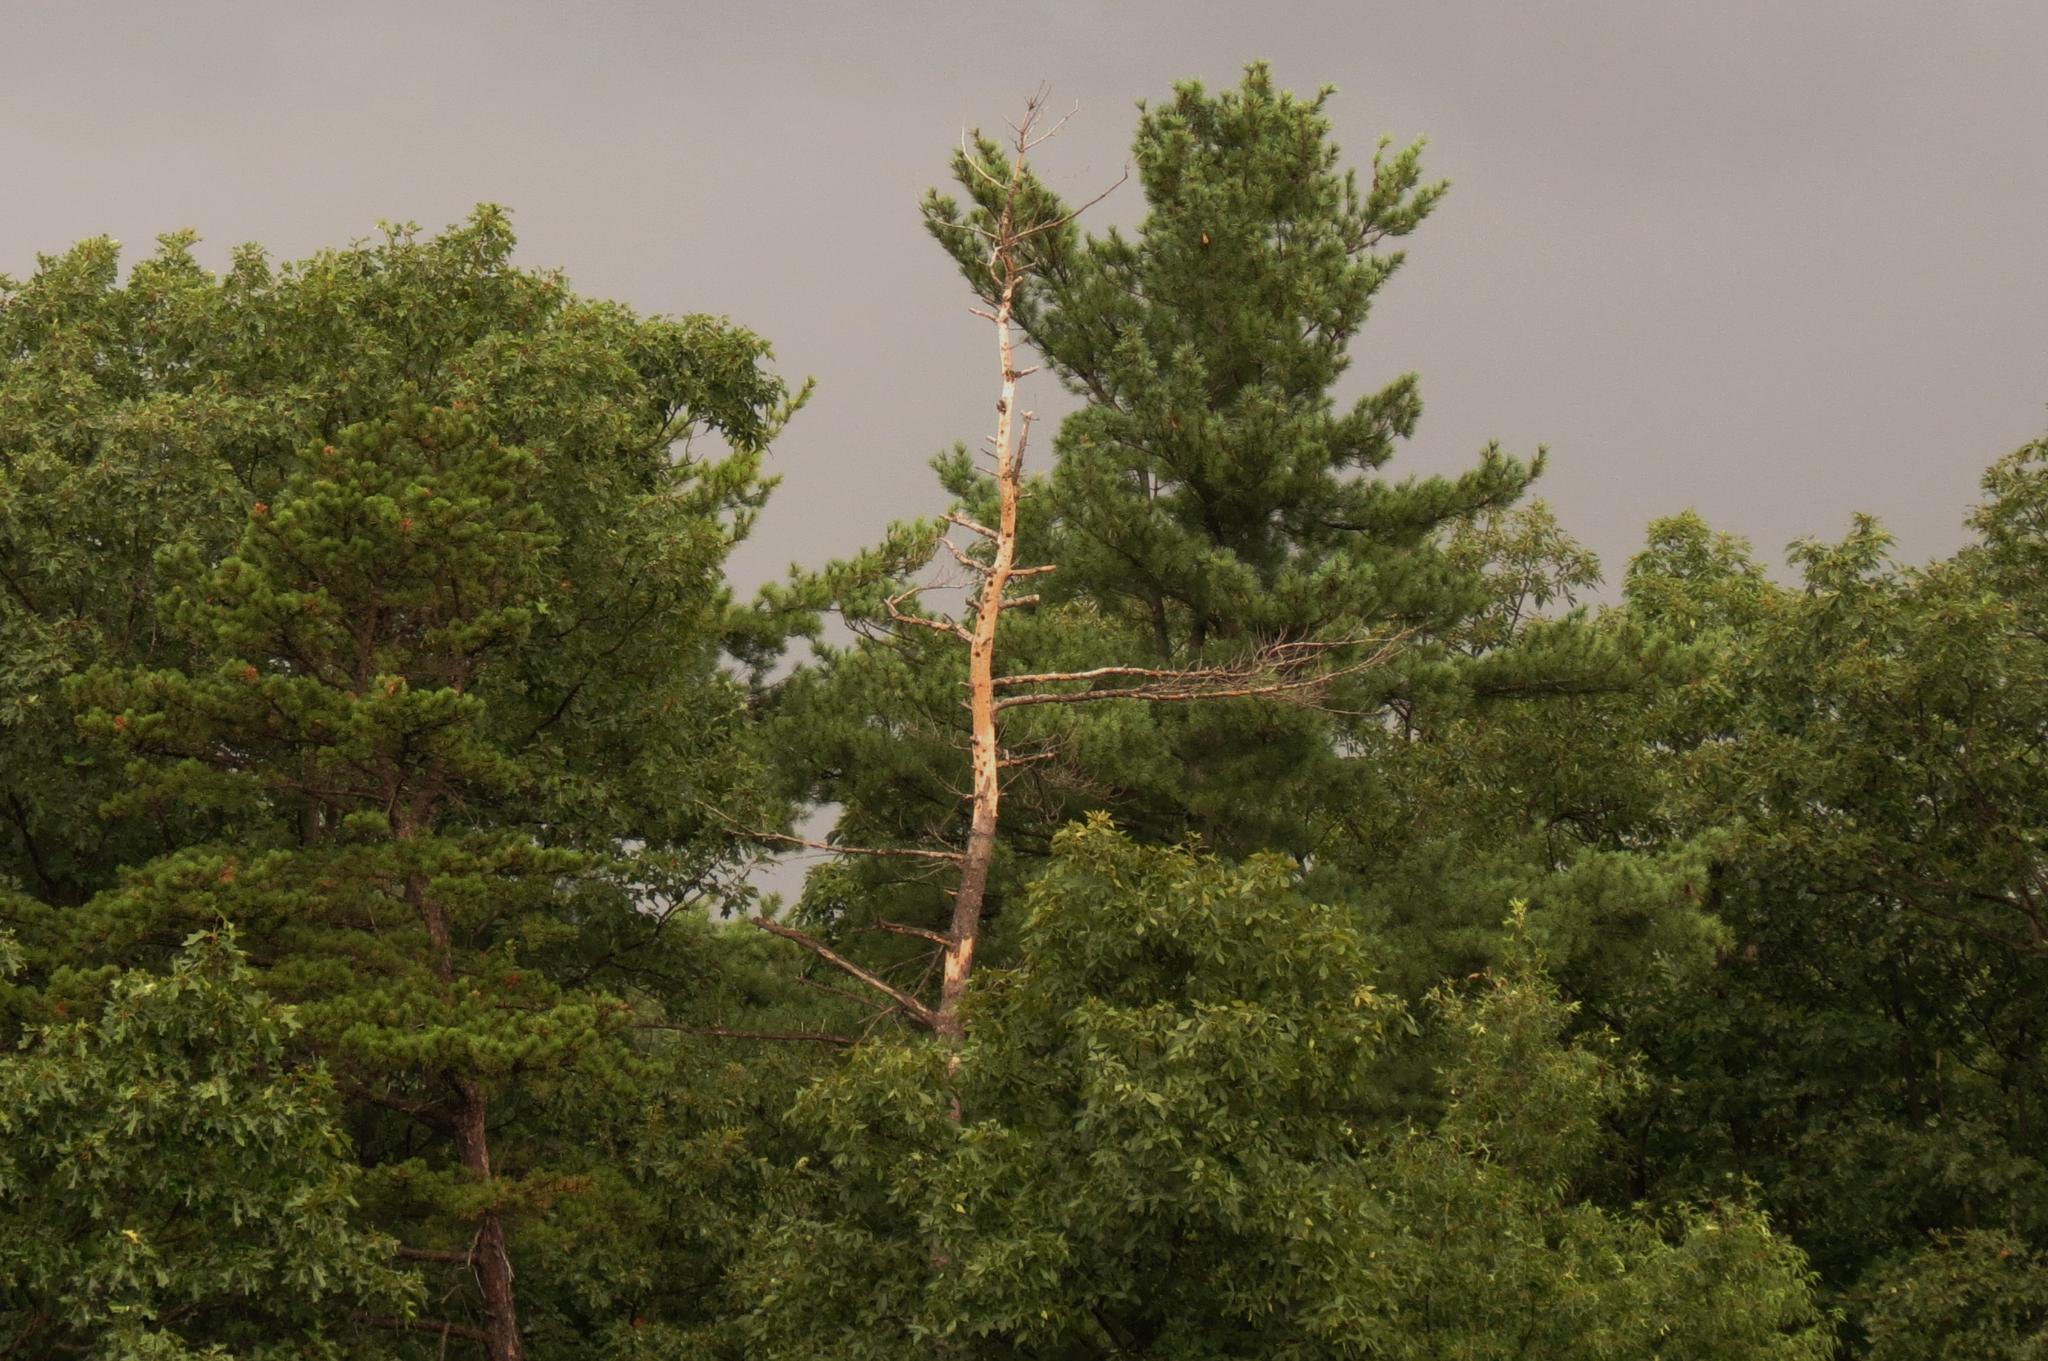 Rain day at the Lake by denabrown